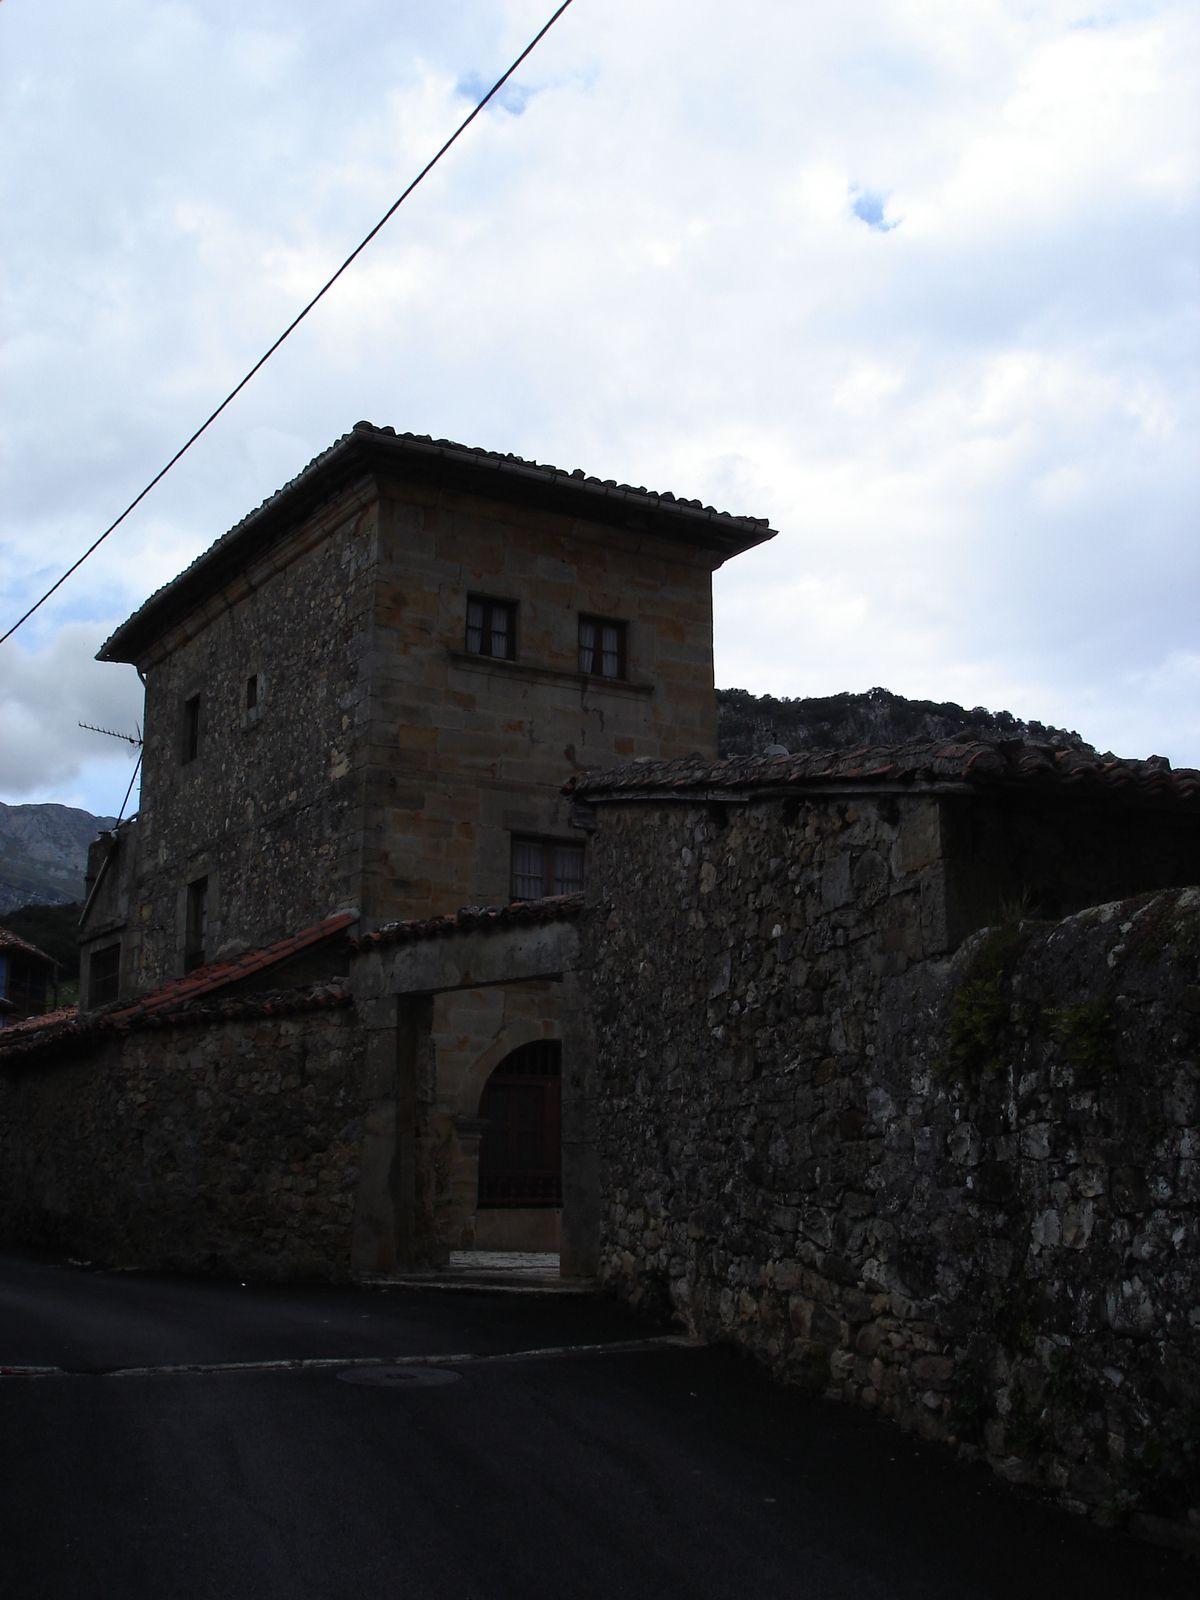 Des maisons typiques...